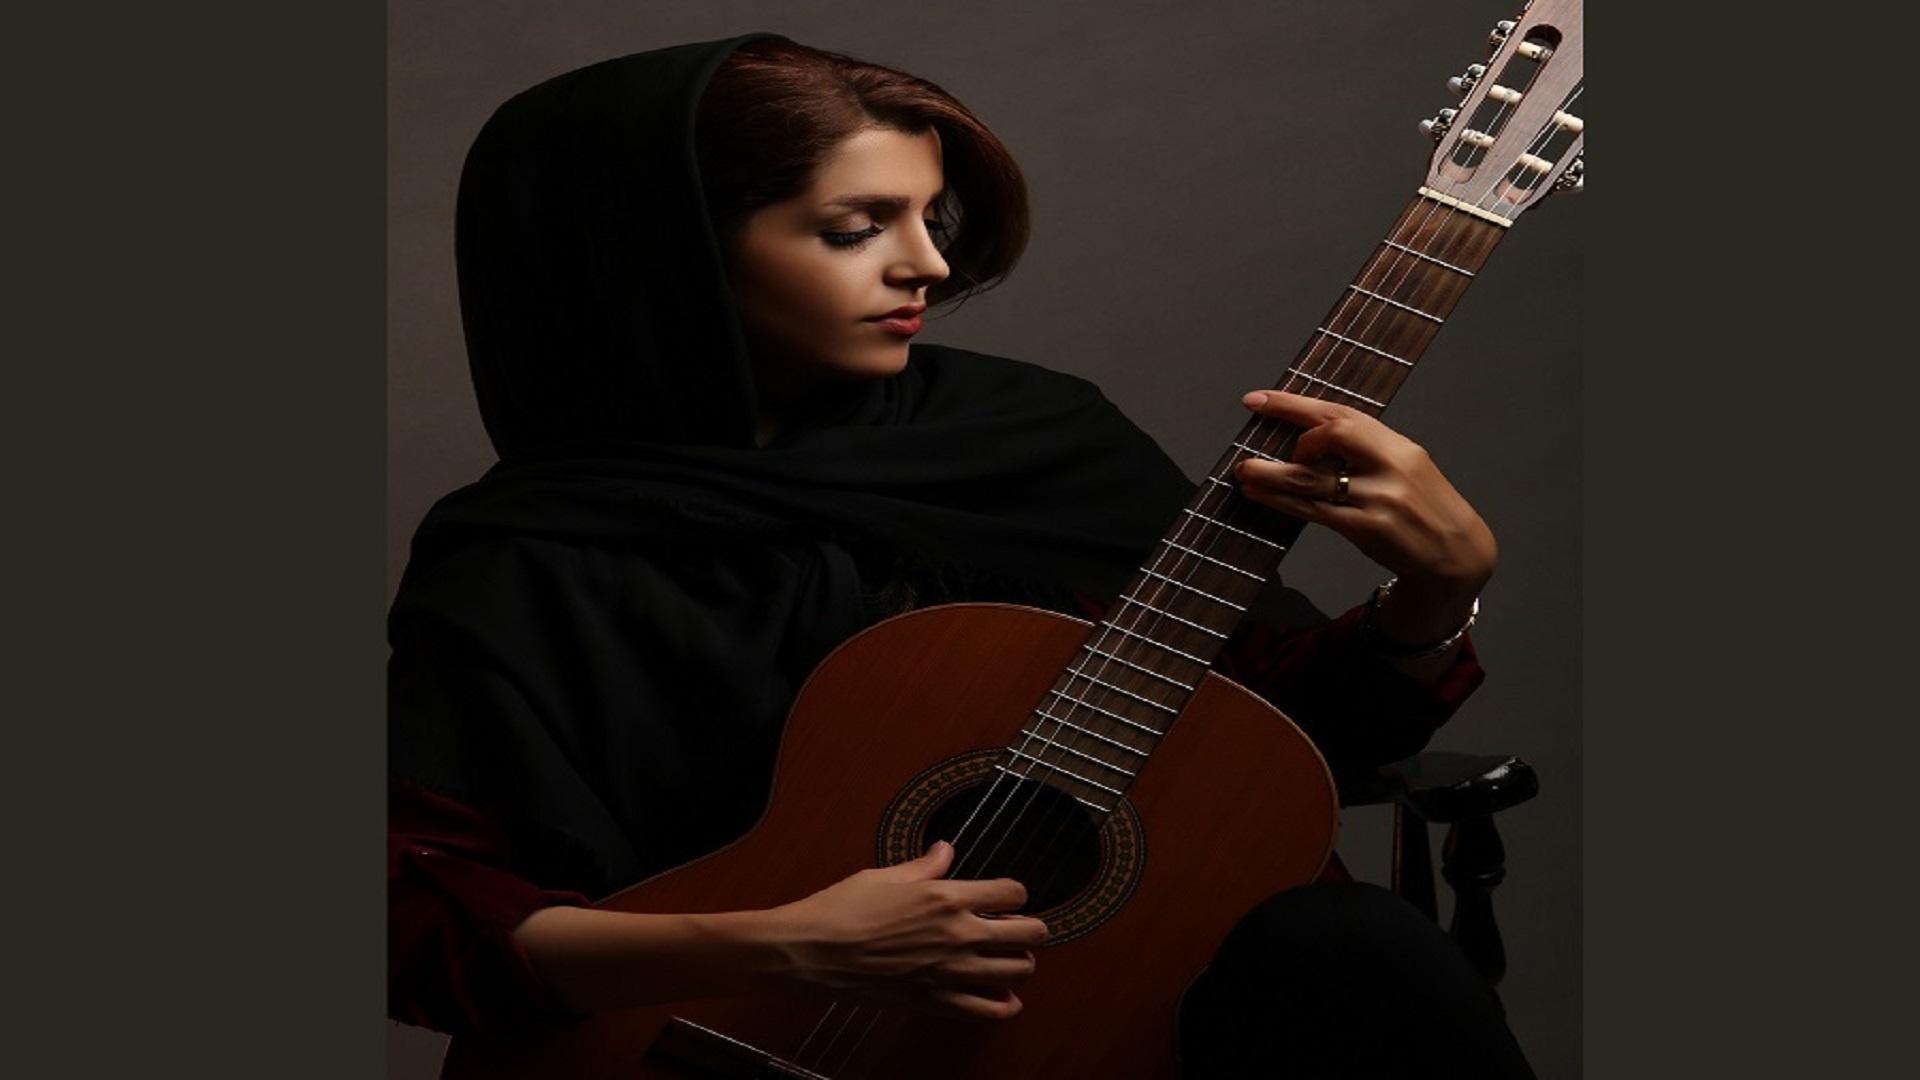 آموزش گیتار پاپ در اصفهان